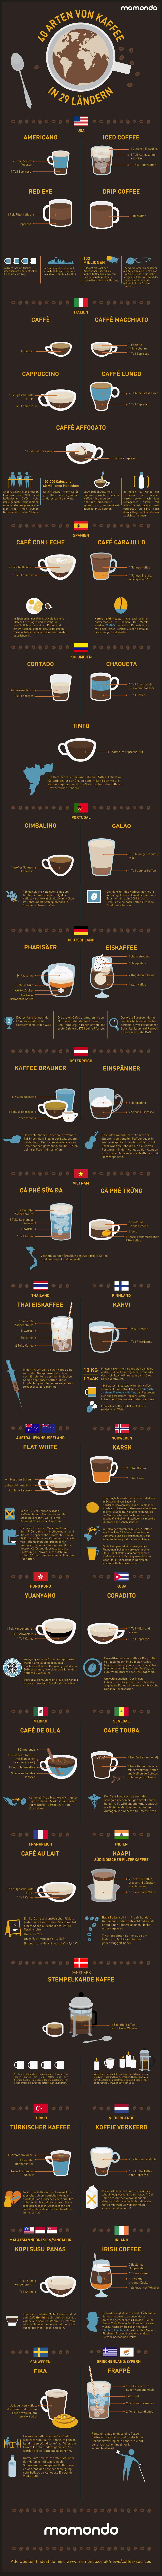 Kaffeekultur, Infografik, Kaffee